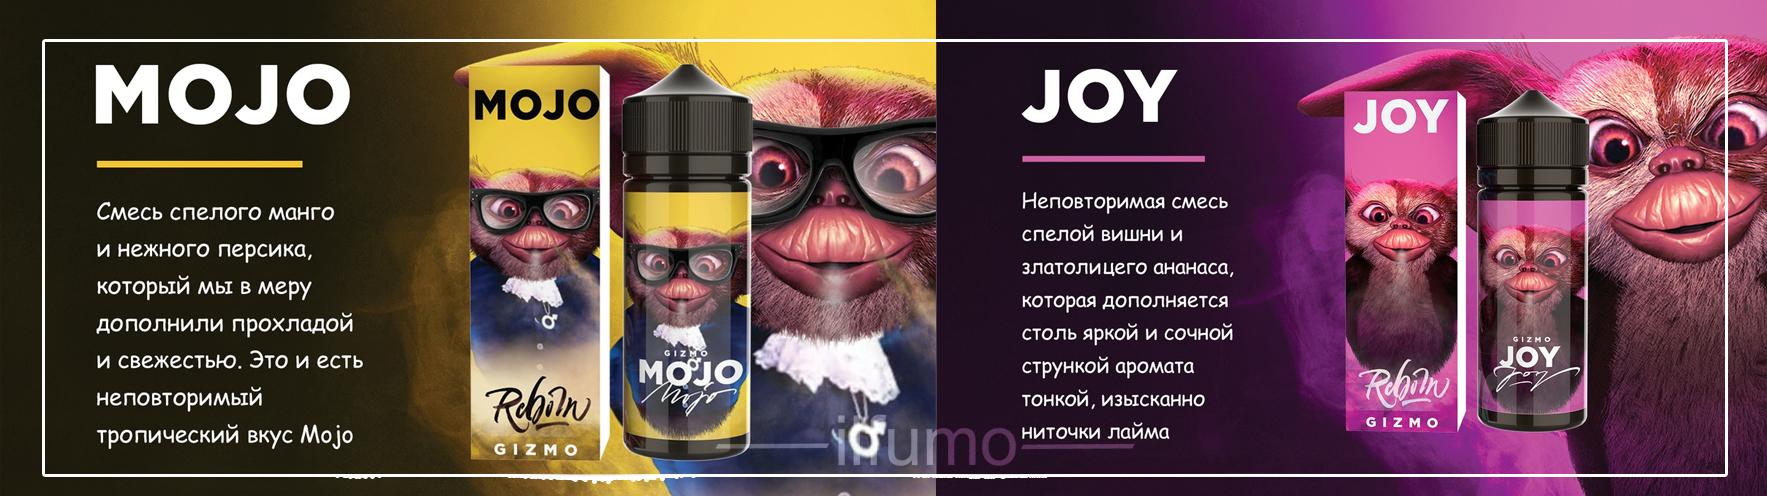 Купить оптом жидкость ГИЗМО в ilfumo